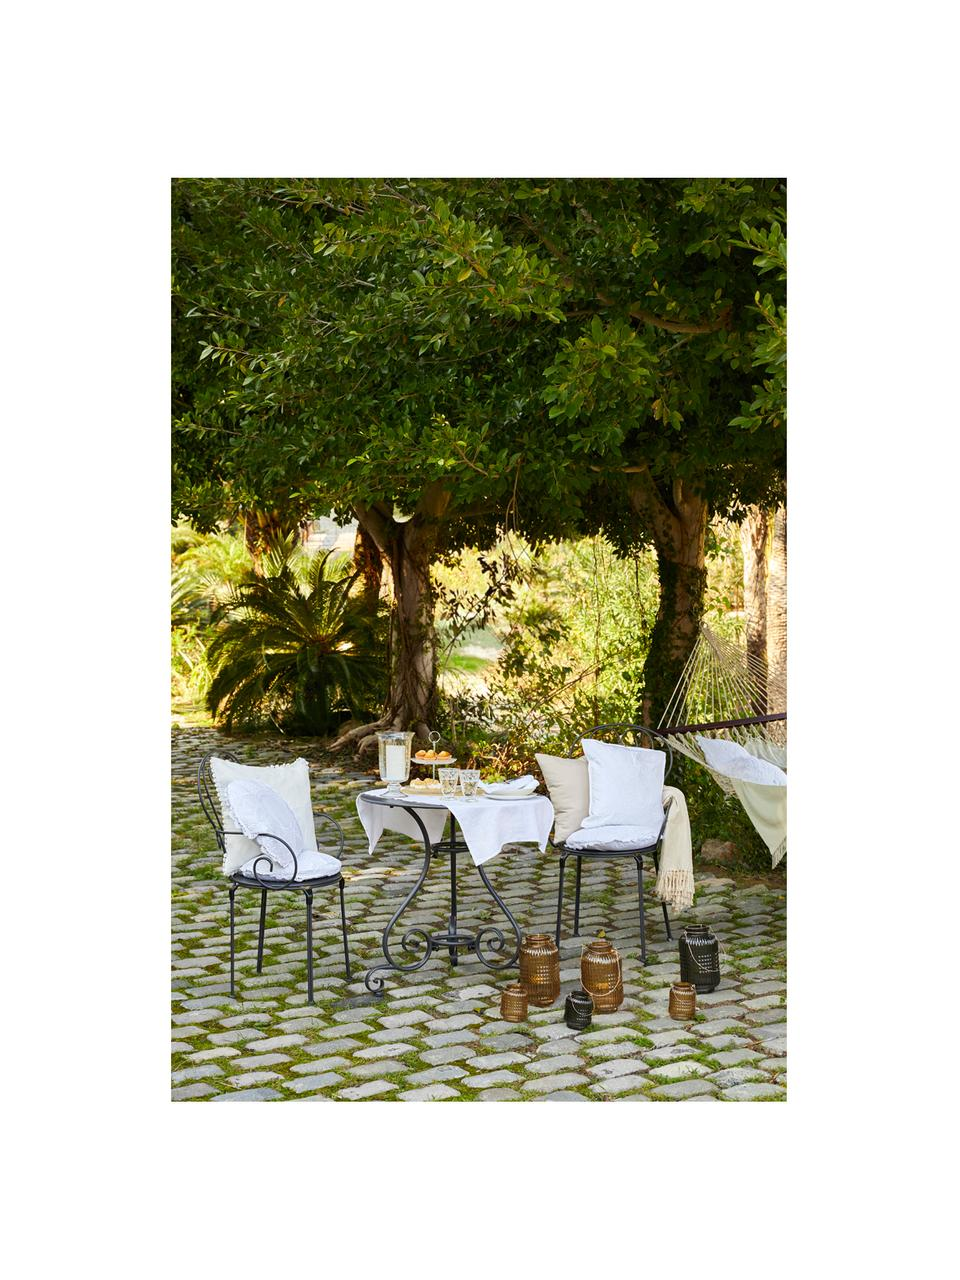 Garten-Armlehnstühle Etienne, 2 Stück, Dukelgrau, 49 x 89 cm